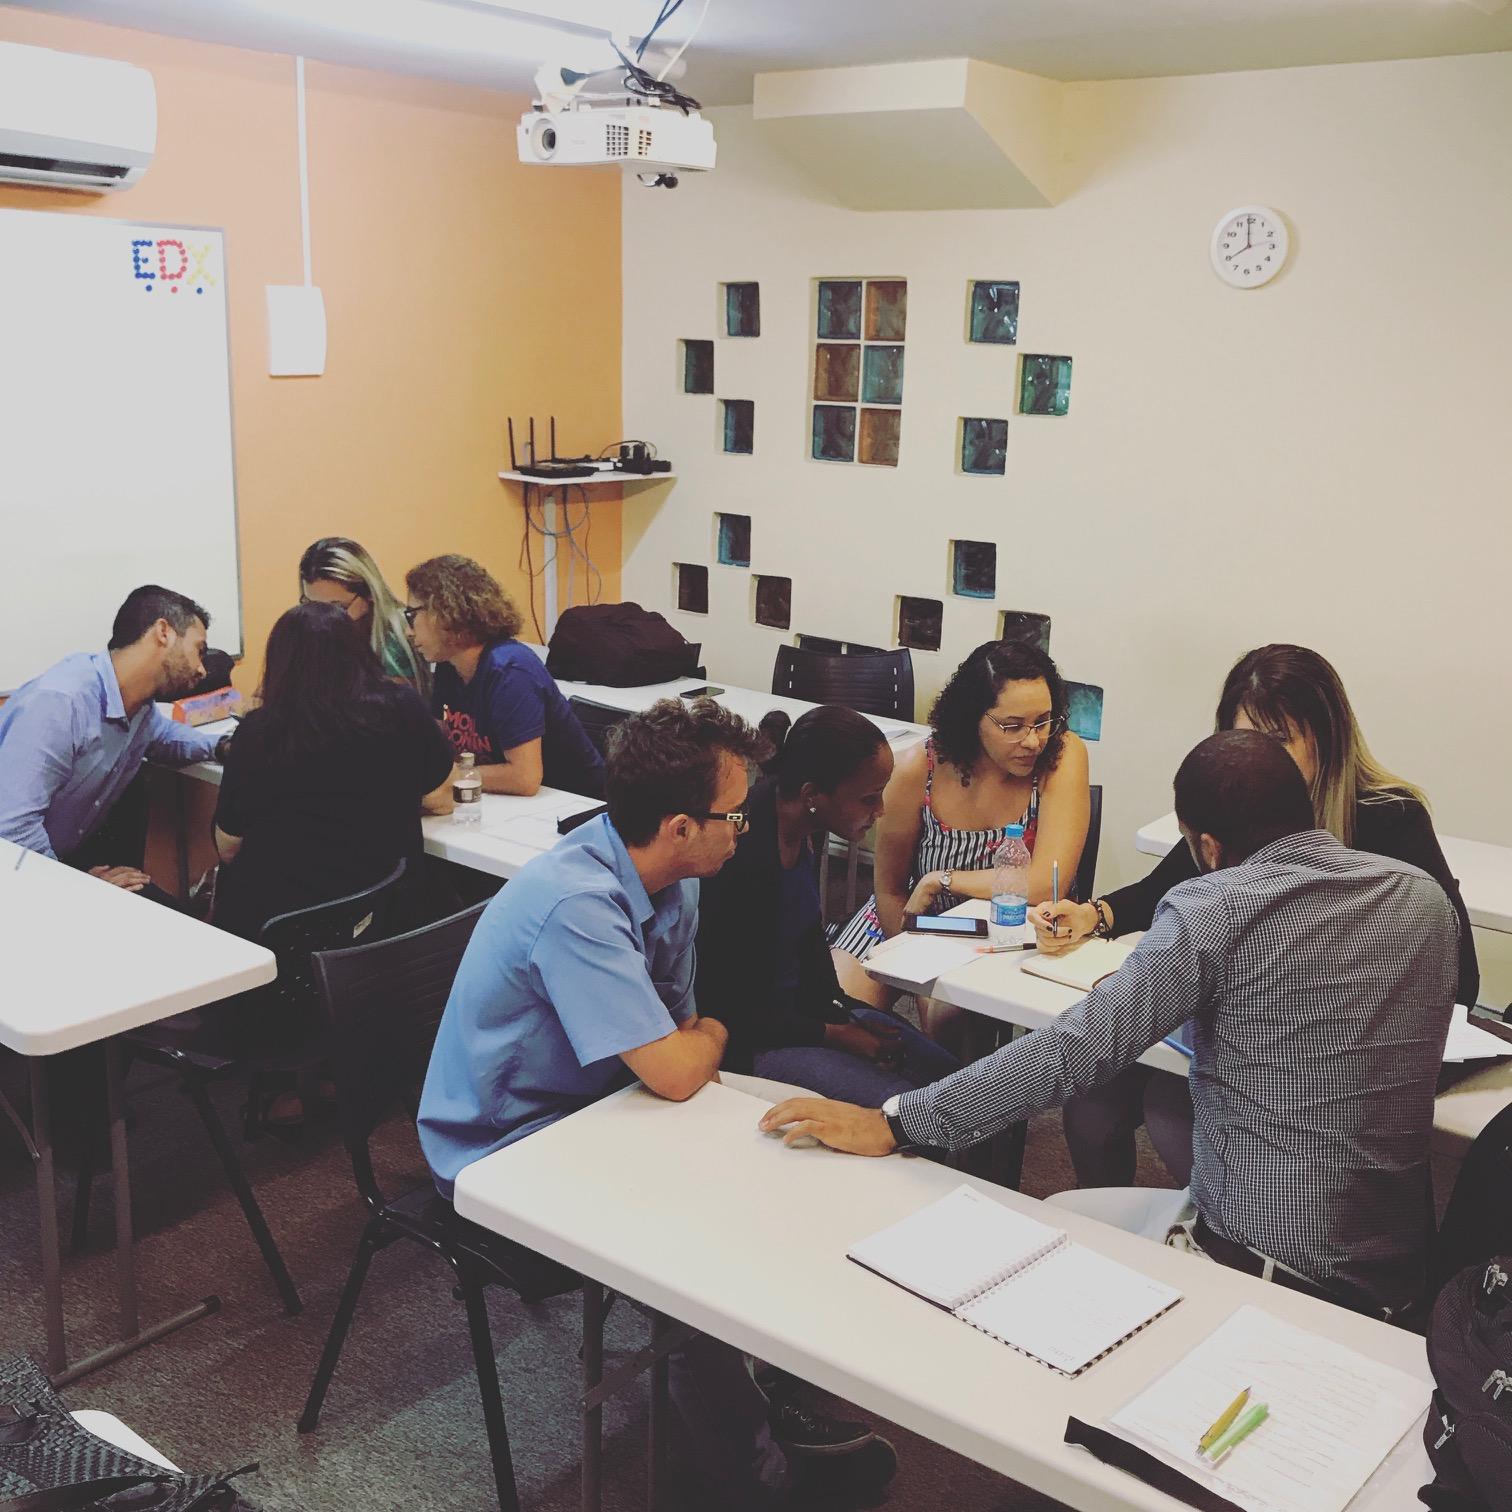 Novas Turmas! Instituto Kailua abre turmas de inglês, francês, alemão, italiano e espanhol.